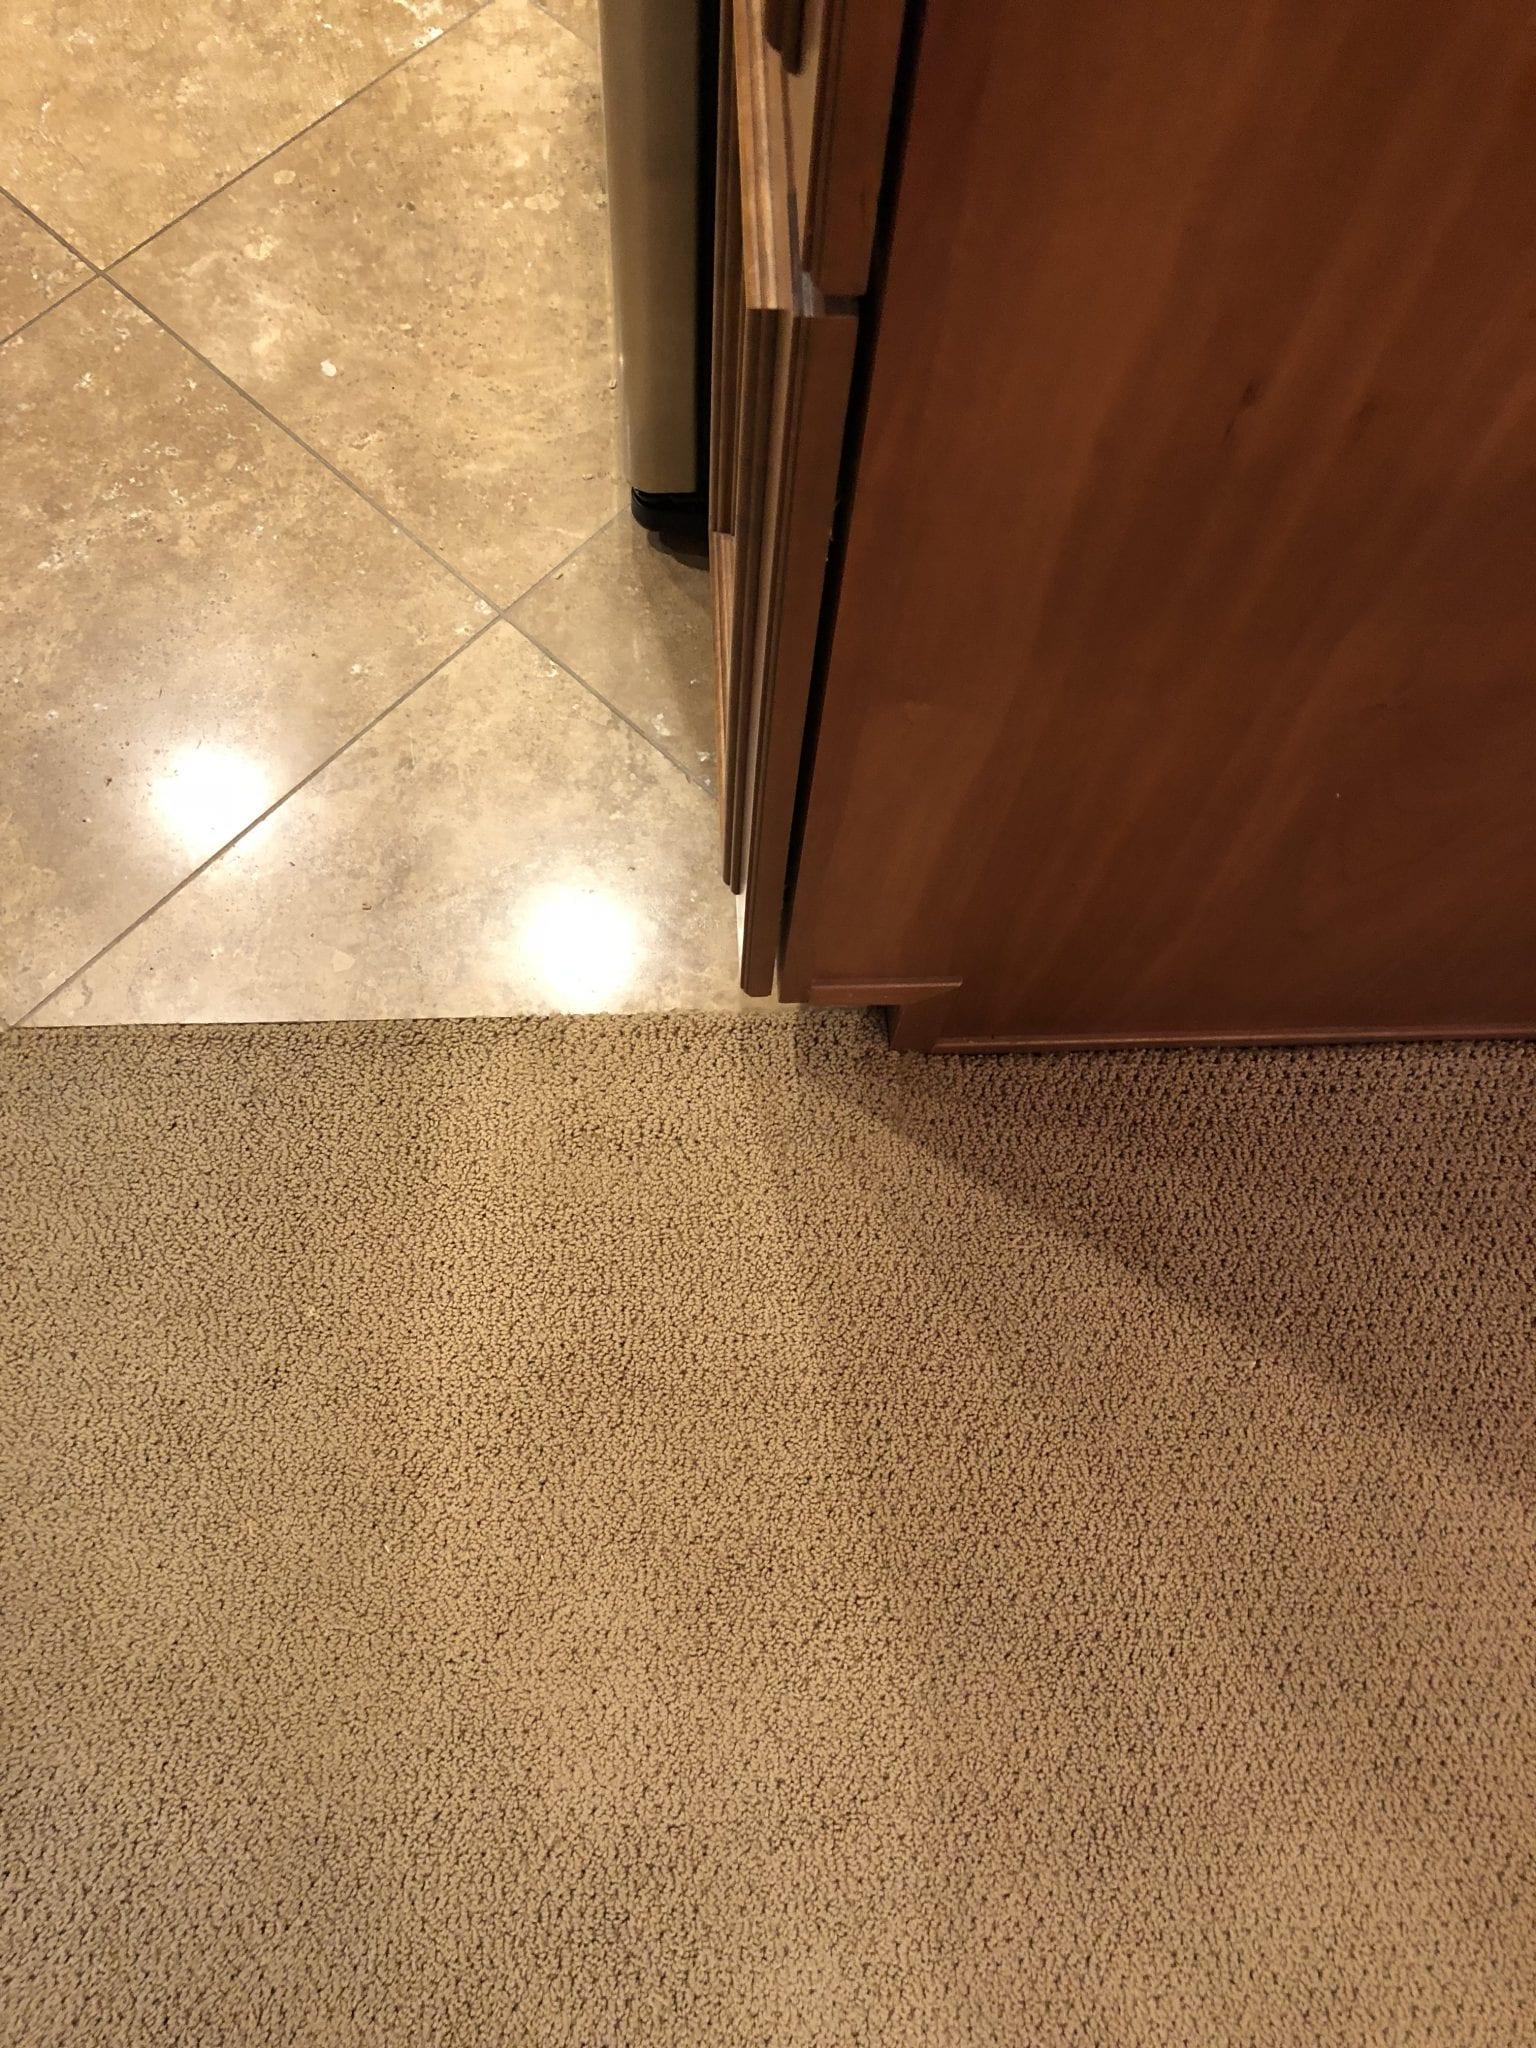 Carpet Repair Phoenix